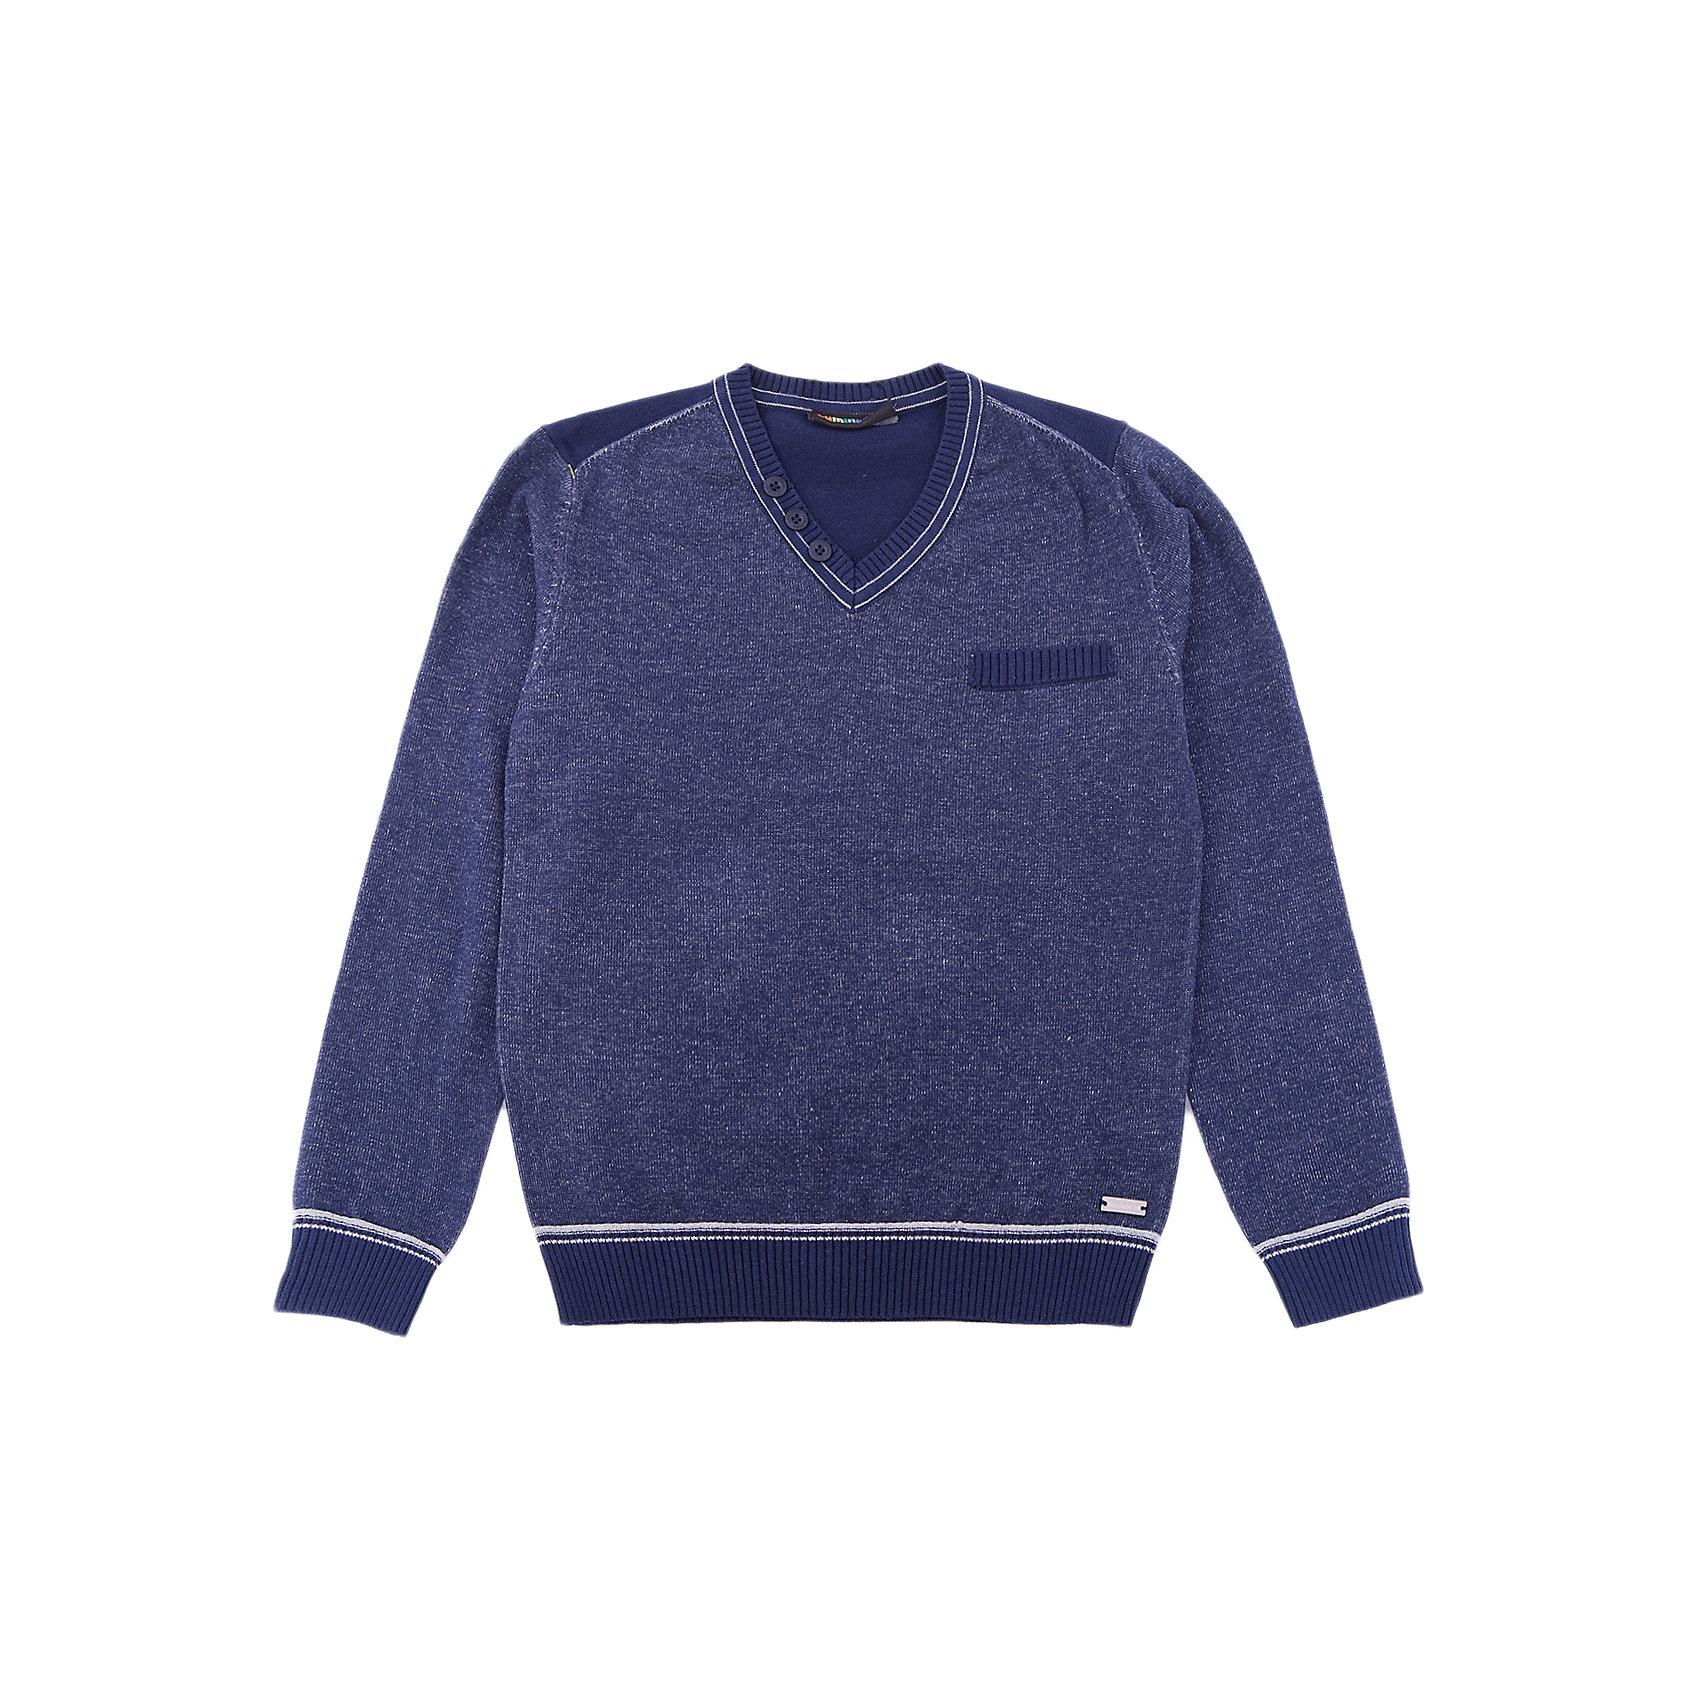 Джемпер Luminoso для мальчикаСвитера и кардиганы<br>Характеристики товара:<br><br>• цвет: синий<br>• состав: 60% хлопок, 40% акрил<br>• сезон: демисезон<br>• длинные рукава<br>• декор: металлический логотип, пуговицы<br>• страна бренда: Россия<br>• страна производства: Китай<br><br>Джемпер для ребенка сделан из мягкого качественного материала. Детский джемпер легко надевается благодаря глубокому вырезу. Джемпер Luminoso для детей оригинально и модно смотрится. <br><br>Джемпер Luminoso (Люминозо) для мальчика можно купить в нашем интернет-магазине.<br><br>Ширина мм: 190<br>Глубина мм: 74<br>Высота мм: 229<br>Вес г: 236<br>Цвет: синий<br>Возраст от месяцев: 132<br>Возраст до месяцев: 144<br>Пол: Мужской<br>Возраст: Детский<br>Размер: 152,146,140,134,164,158<br>SKU: 7096900